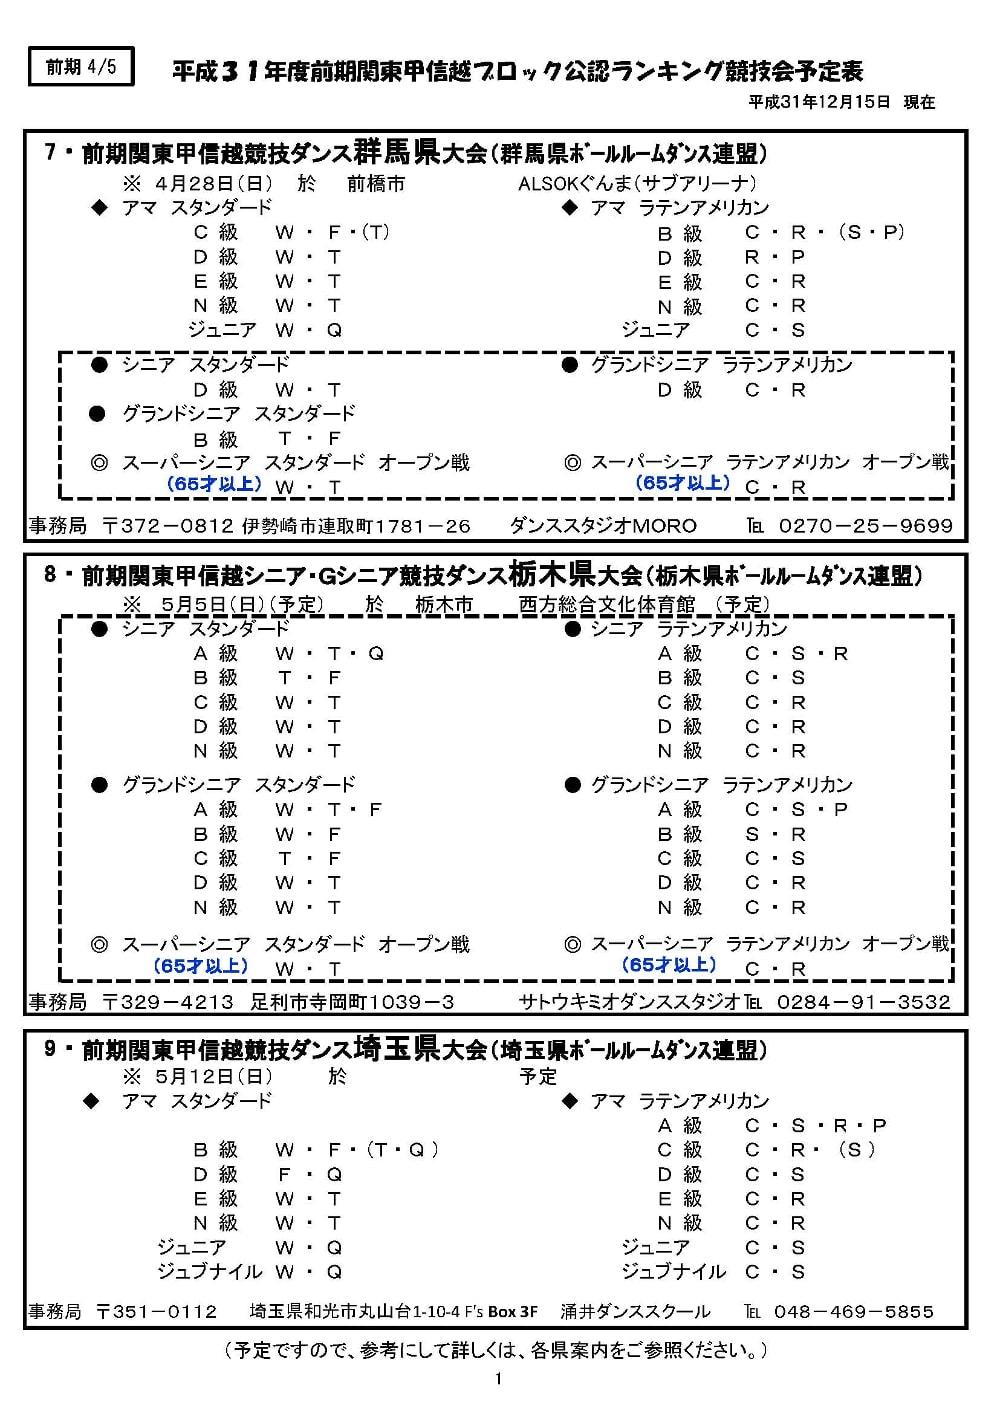 2019-schedule-first_5